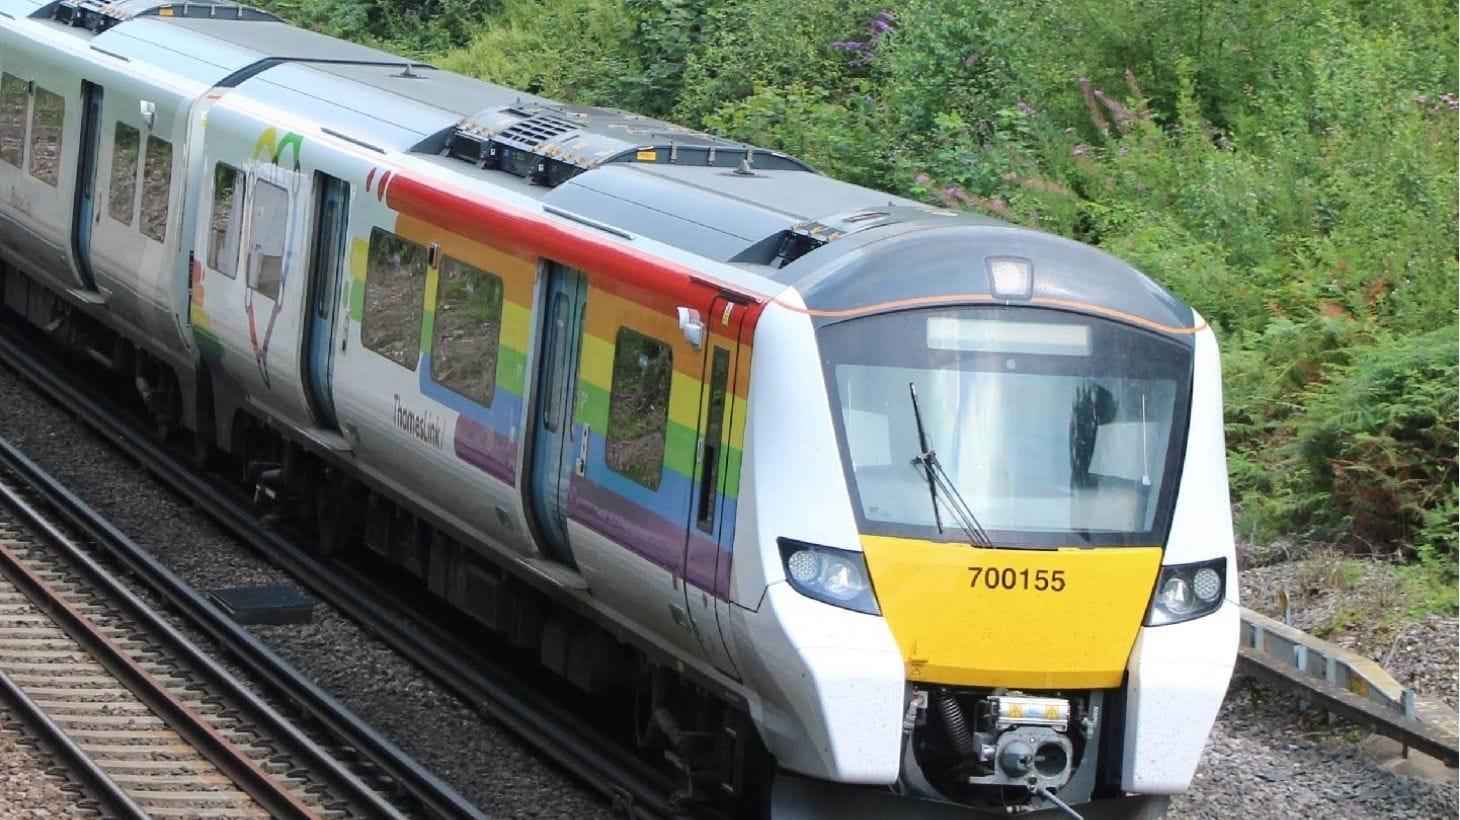 GTR Thameslink train©TheTransportGuide